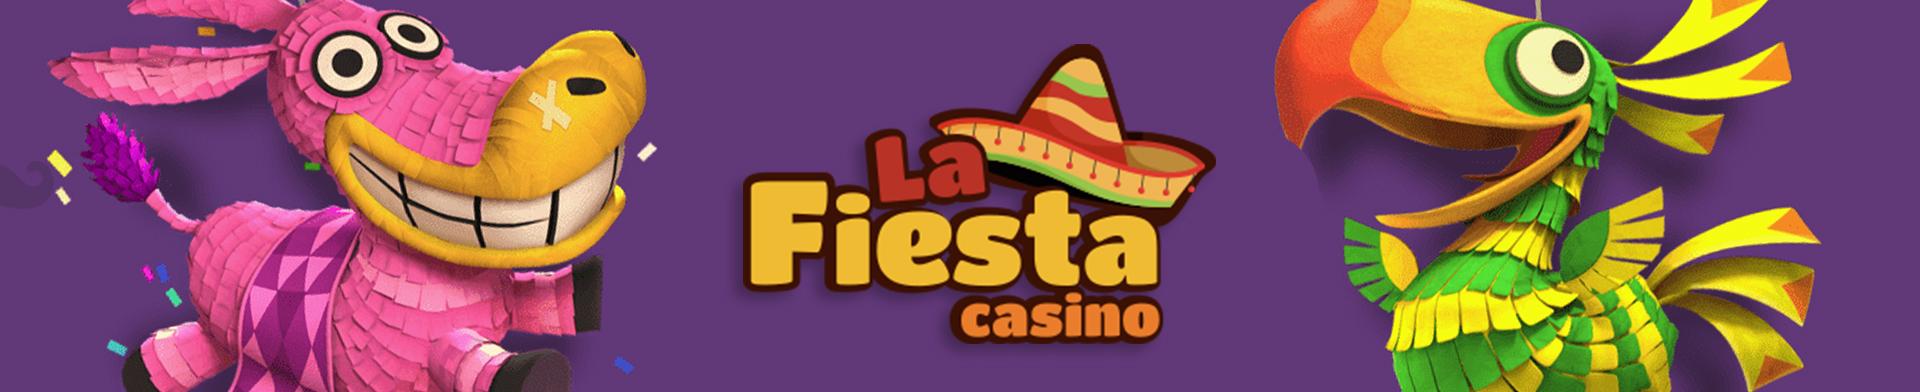 La Fiesta Banner